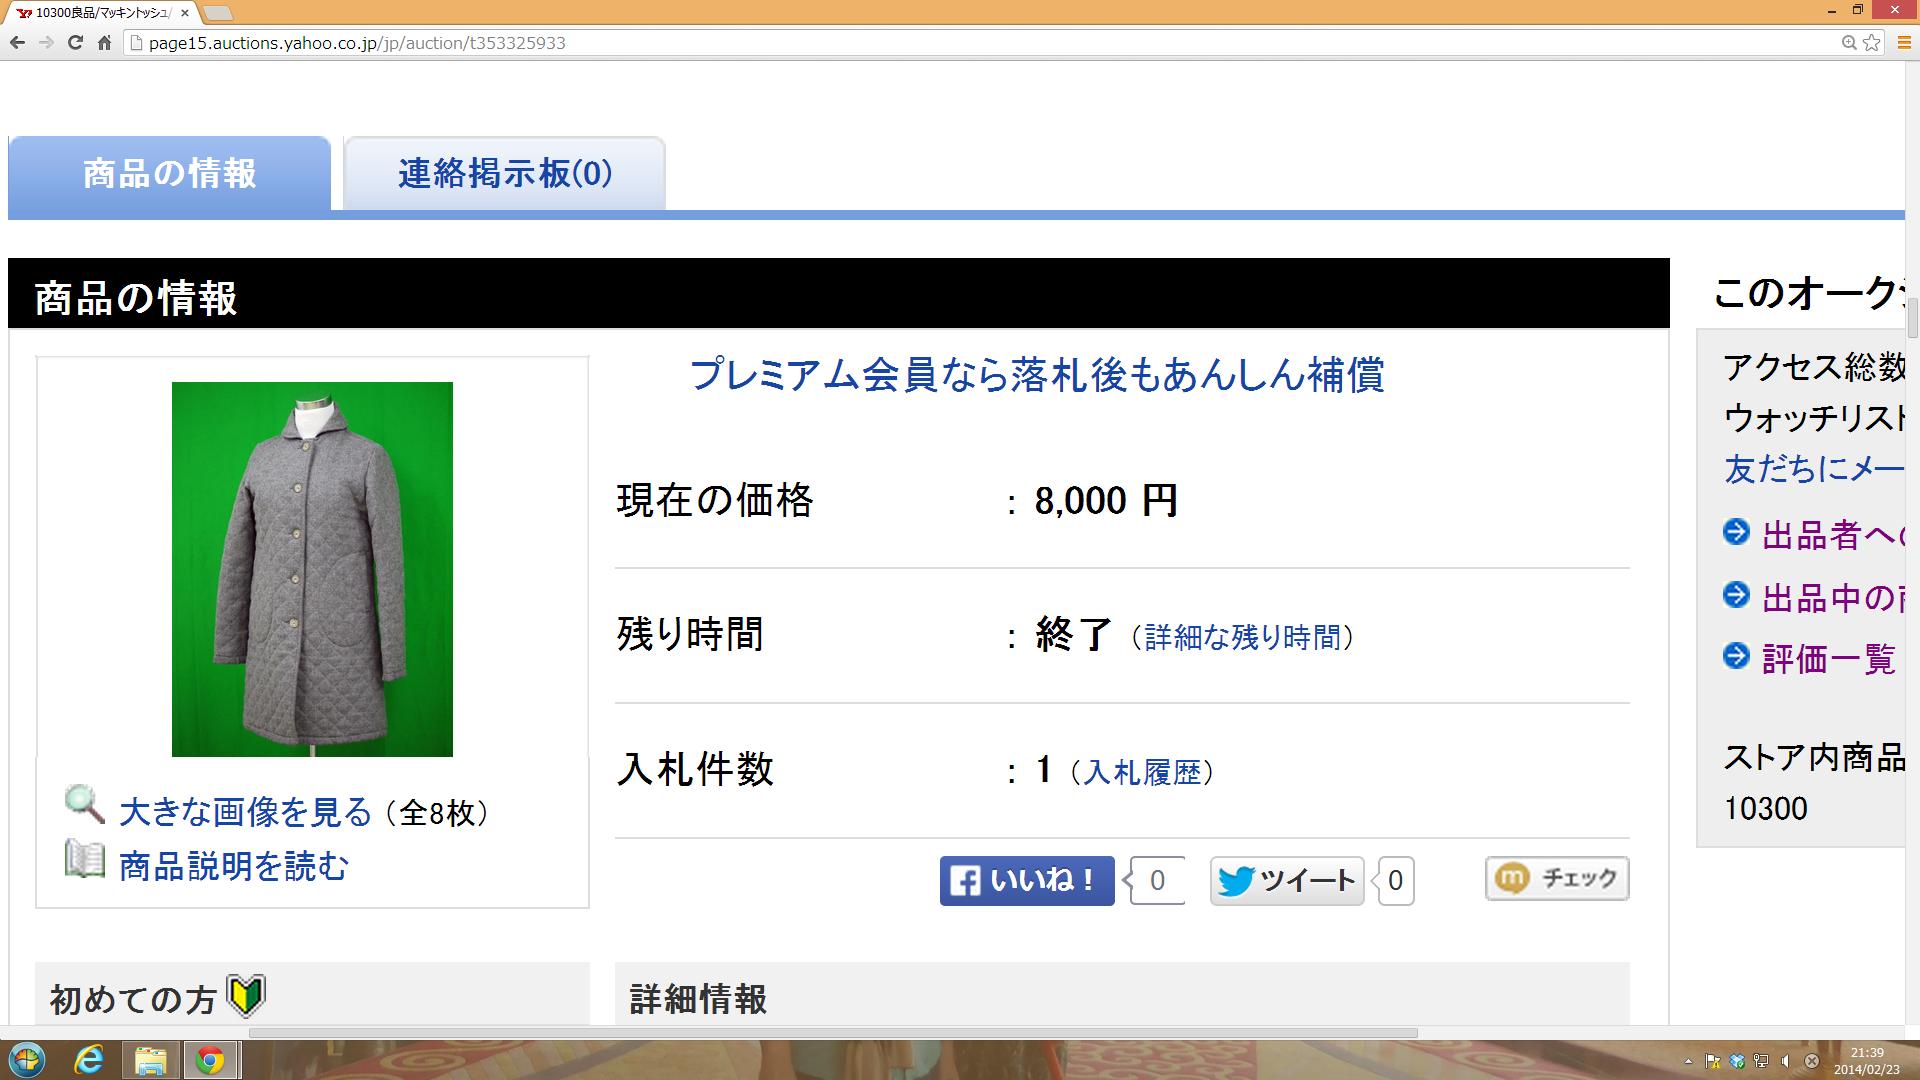 スクリーンショット 2014-02-23 21.39.13